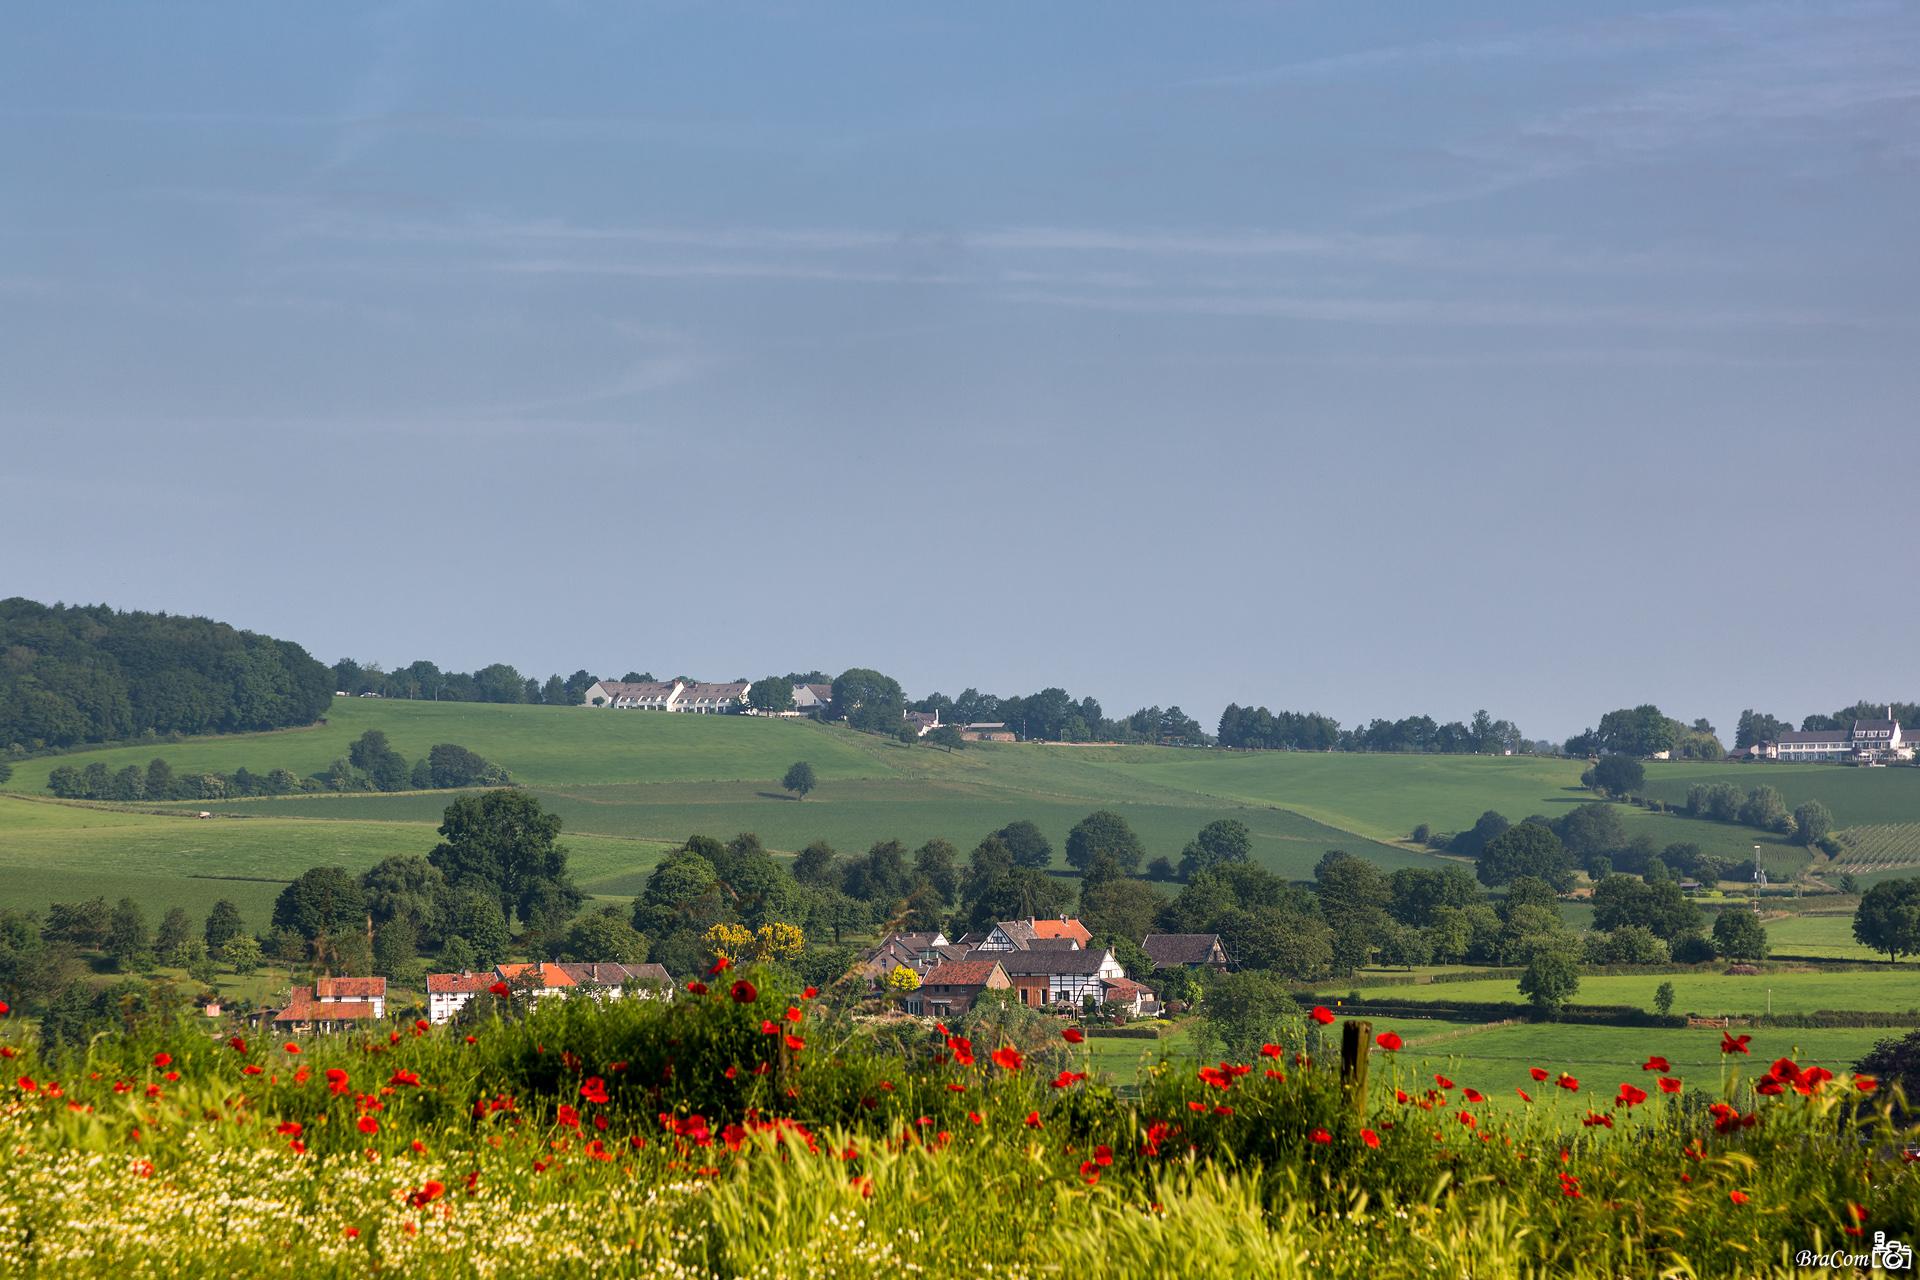 Nederland, Zuid Limburg   Loopend Vuurtje Wandelreizen